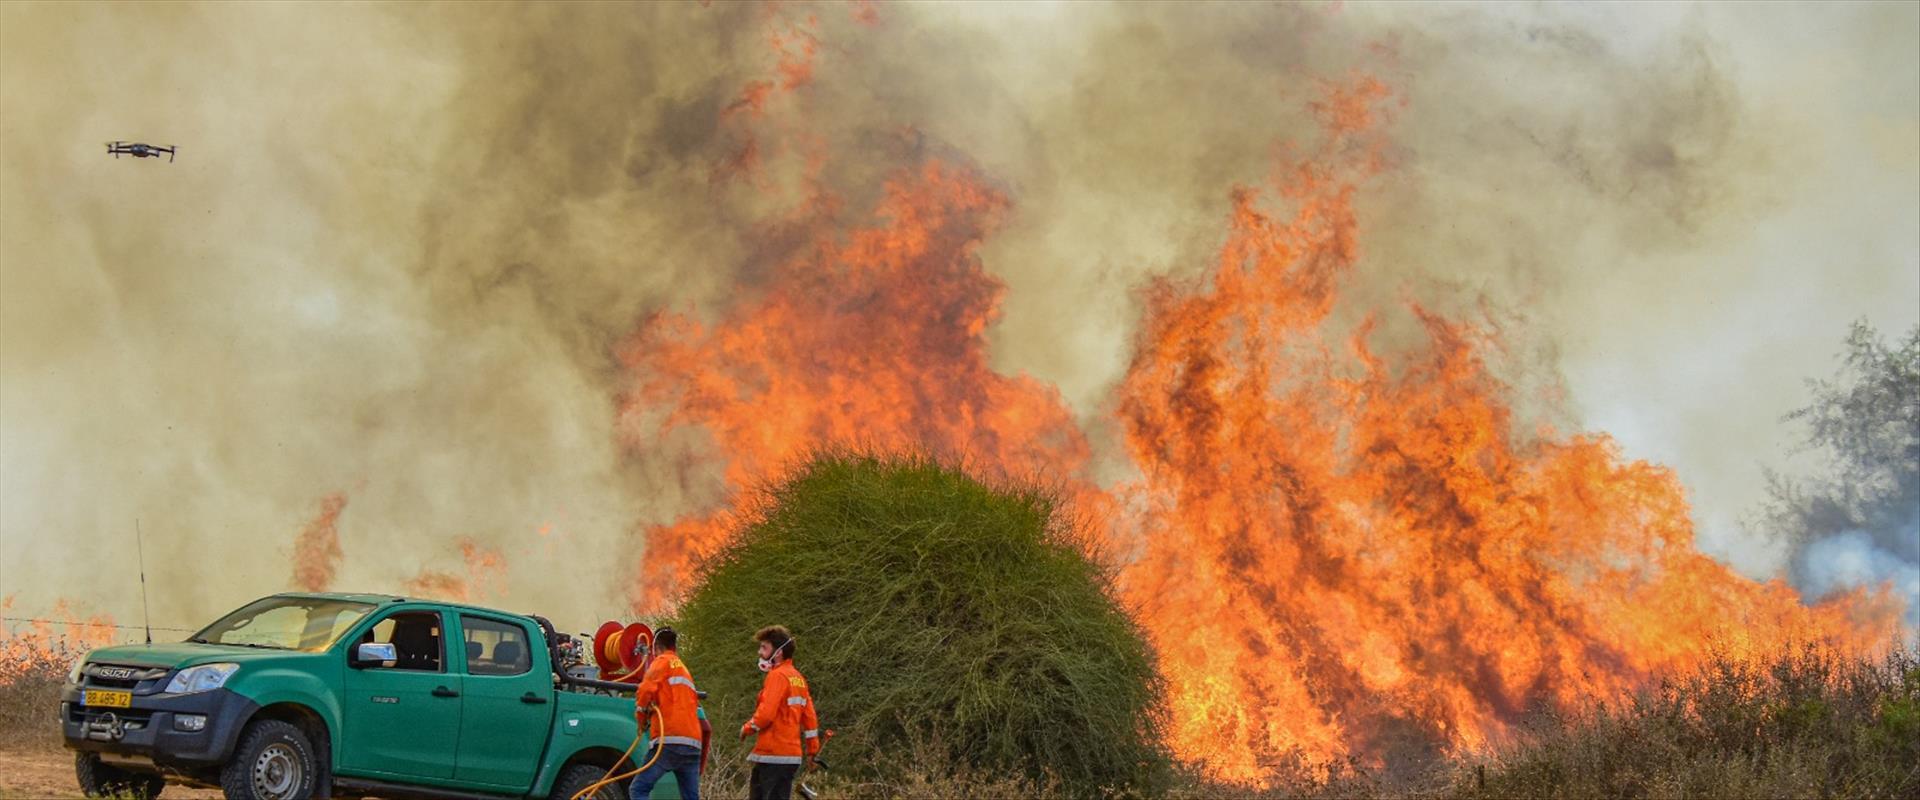 שריפה בעוטף